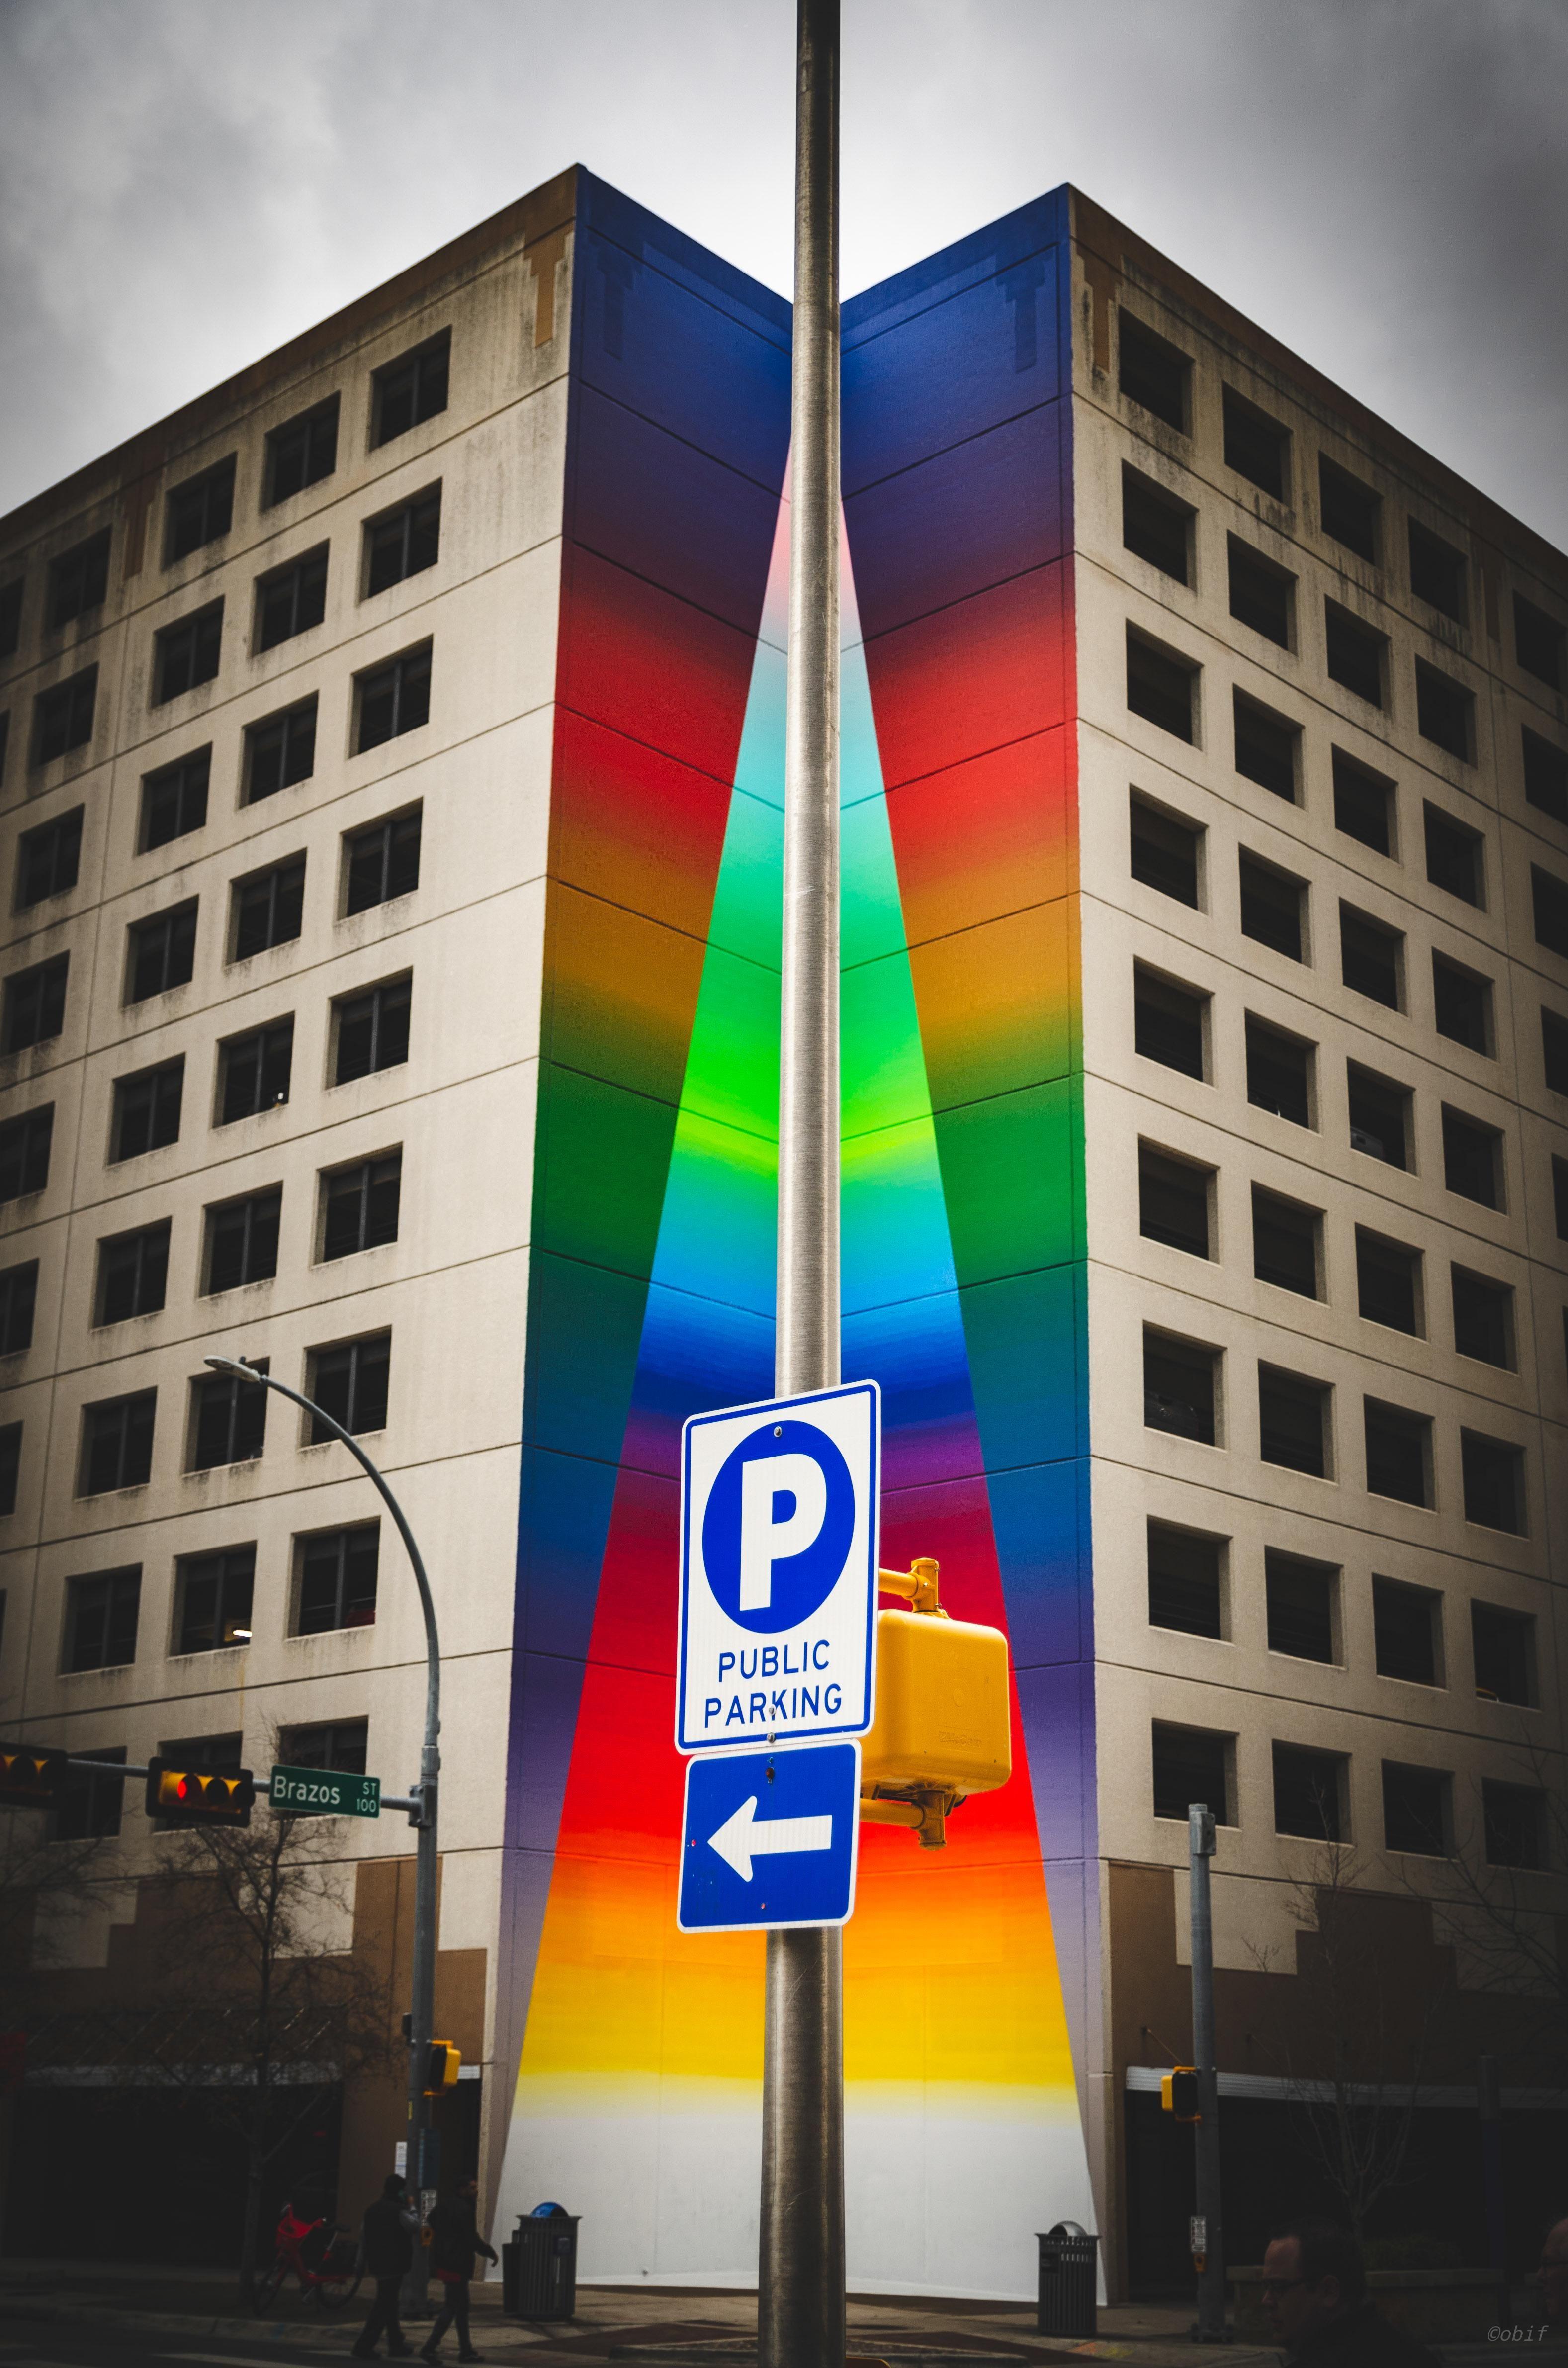 The Prettiest Parking